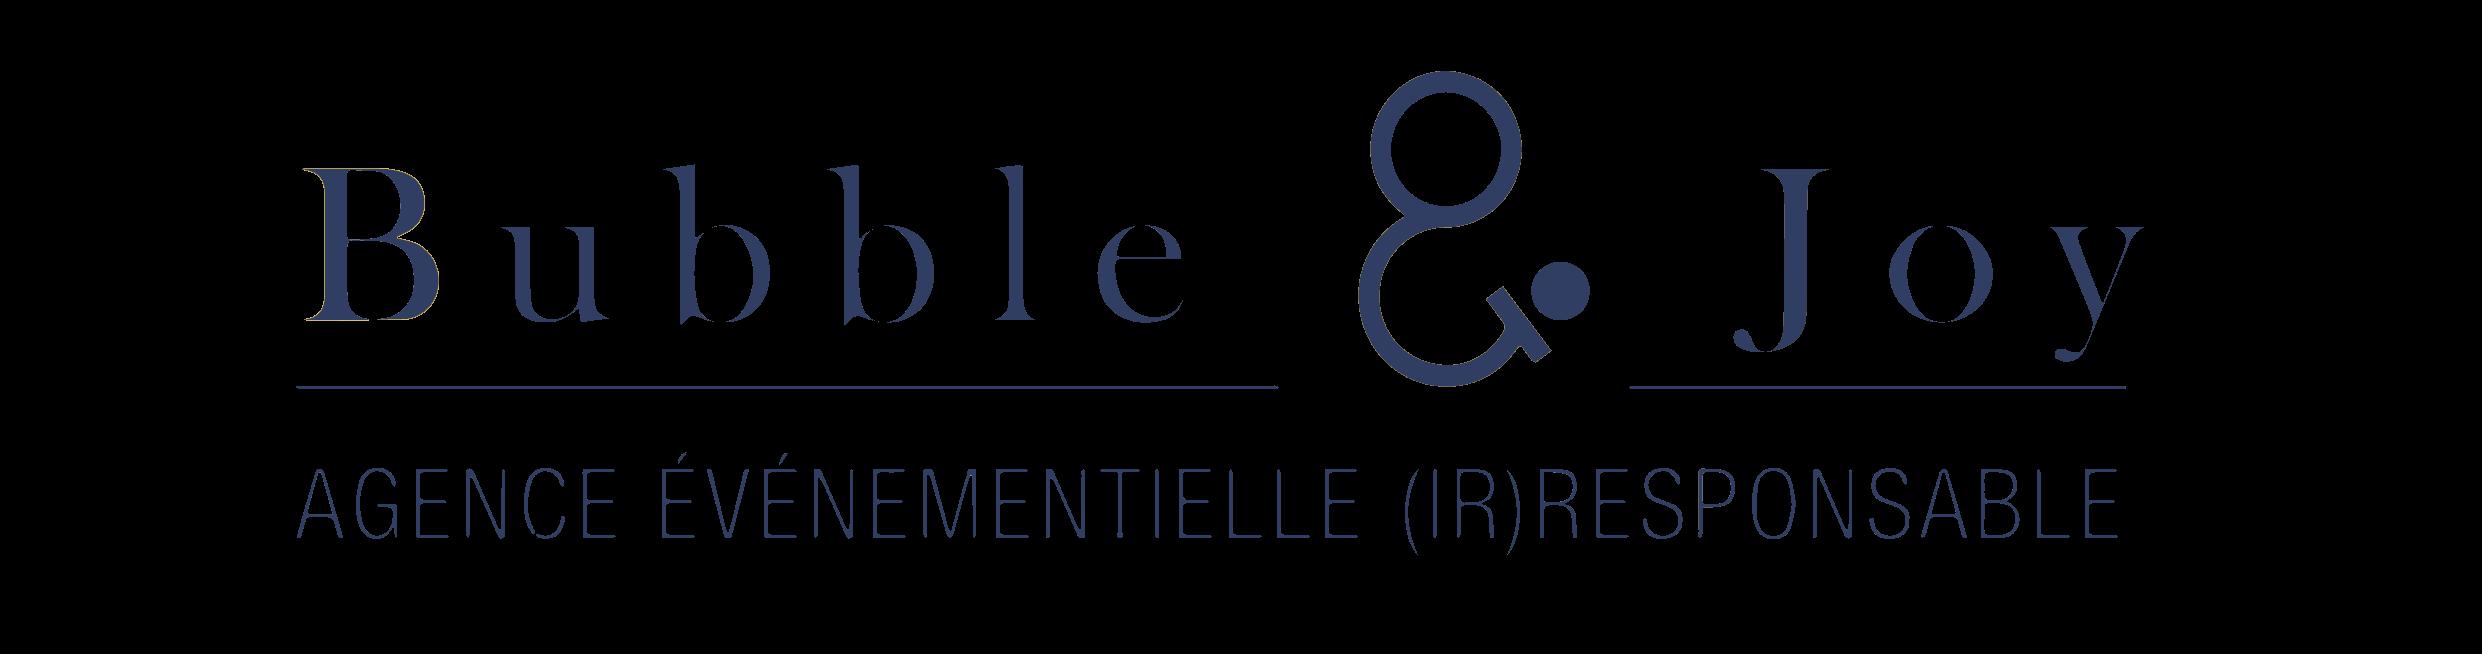 Bubble & Joy Logo